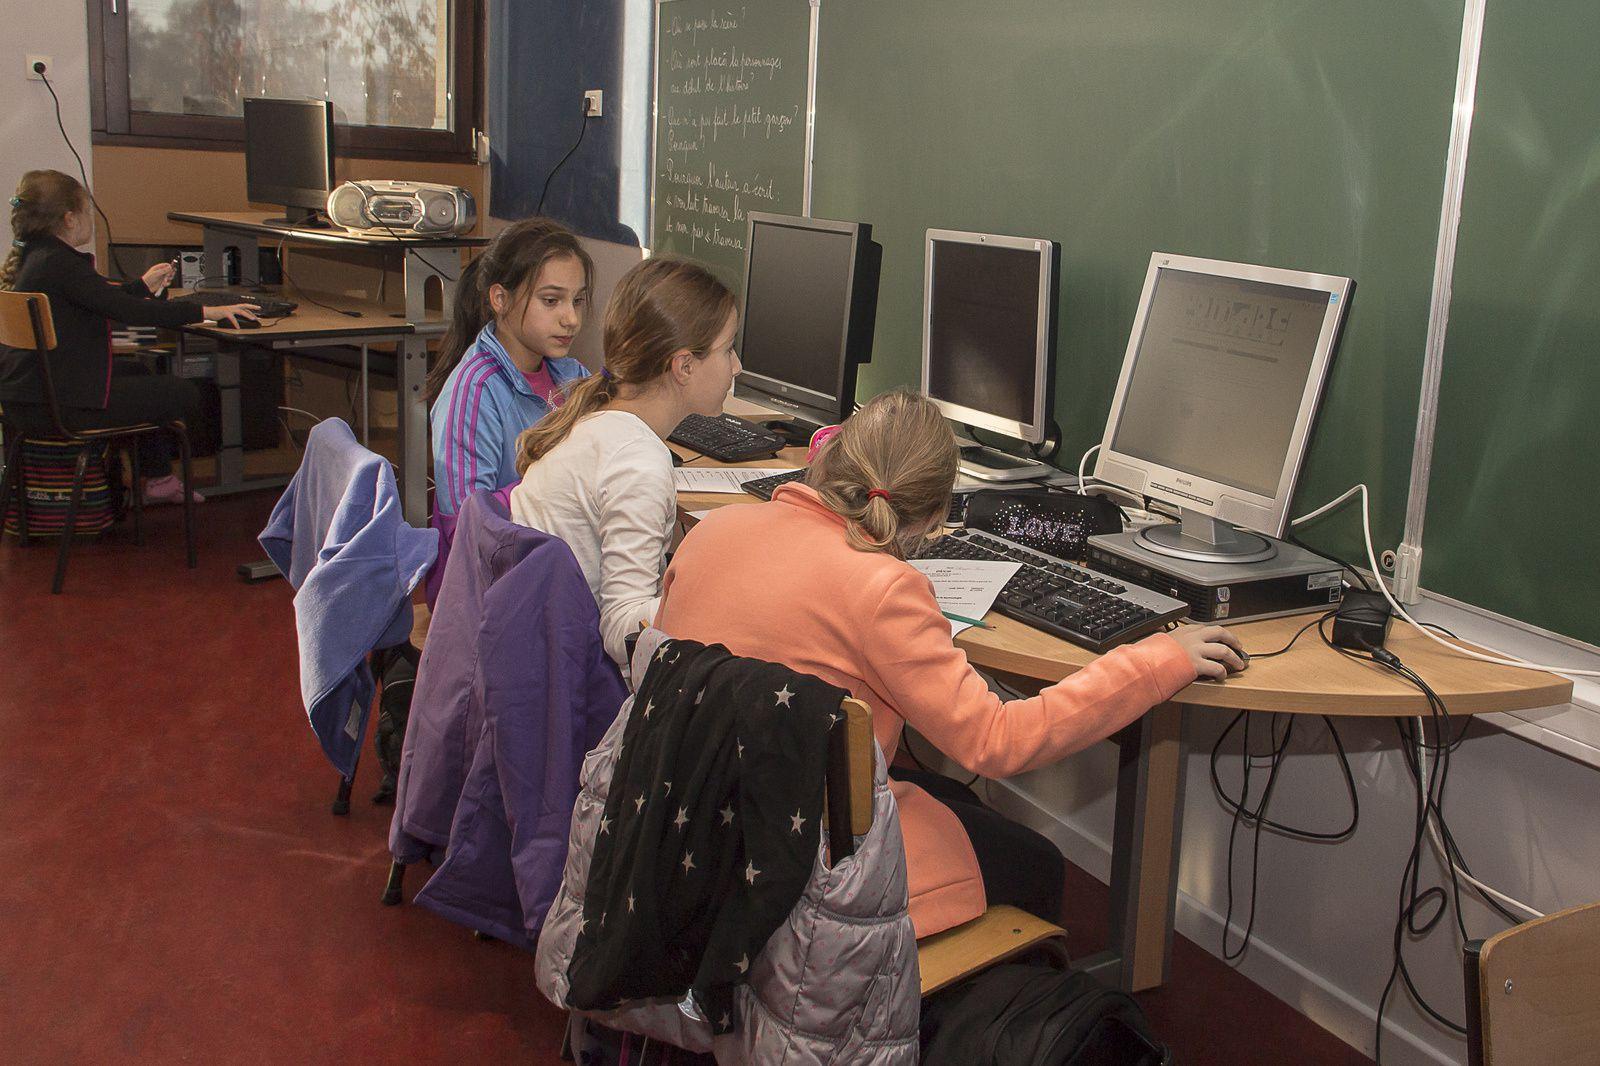 Les élèves préparent le journal scolaire